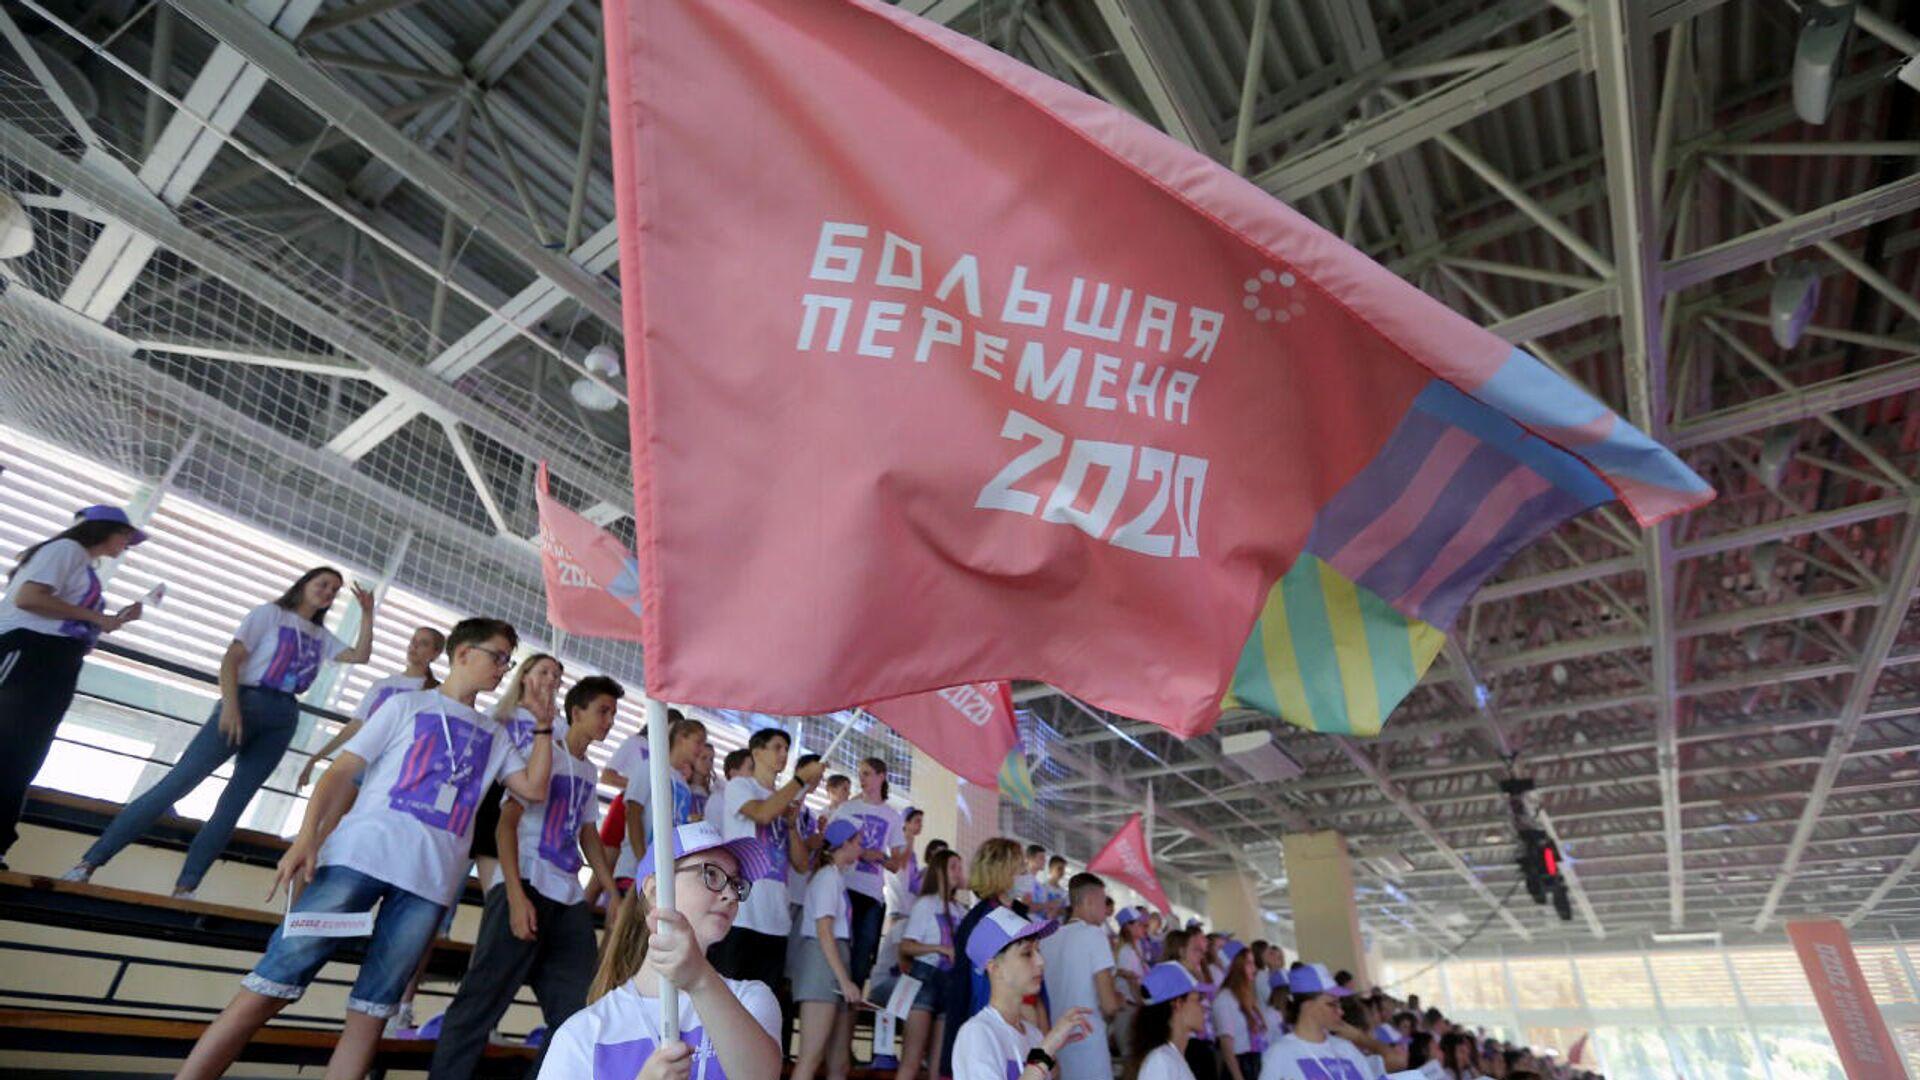 Участники полуфинала конкурса Большая перемена 2020 - РИА Новости, 1920, 30.11.2020